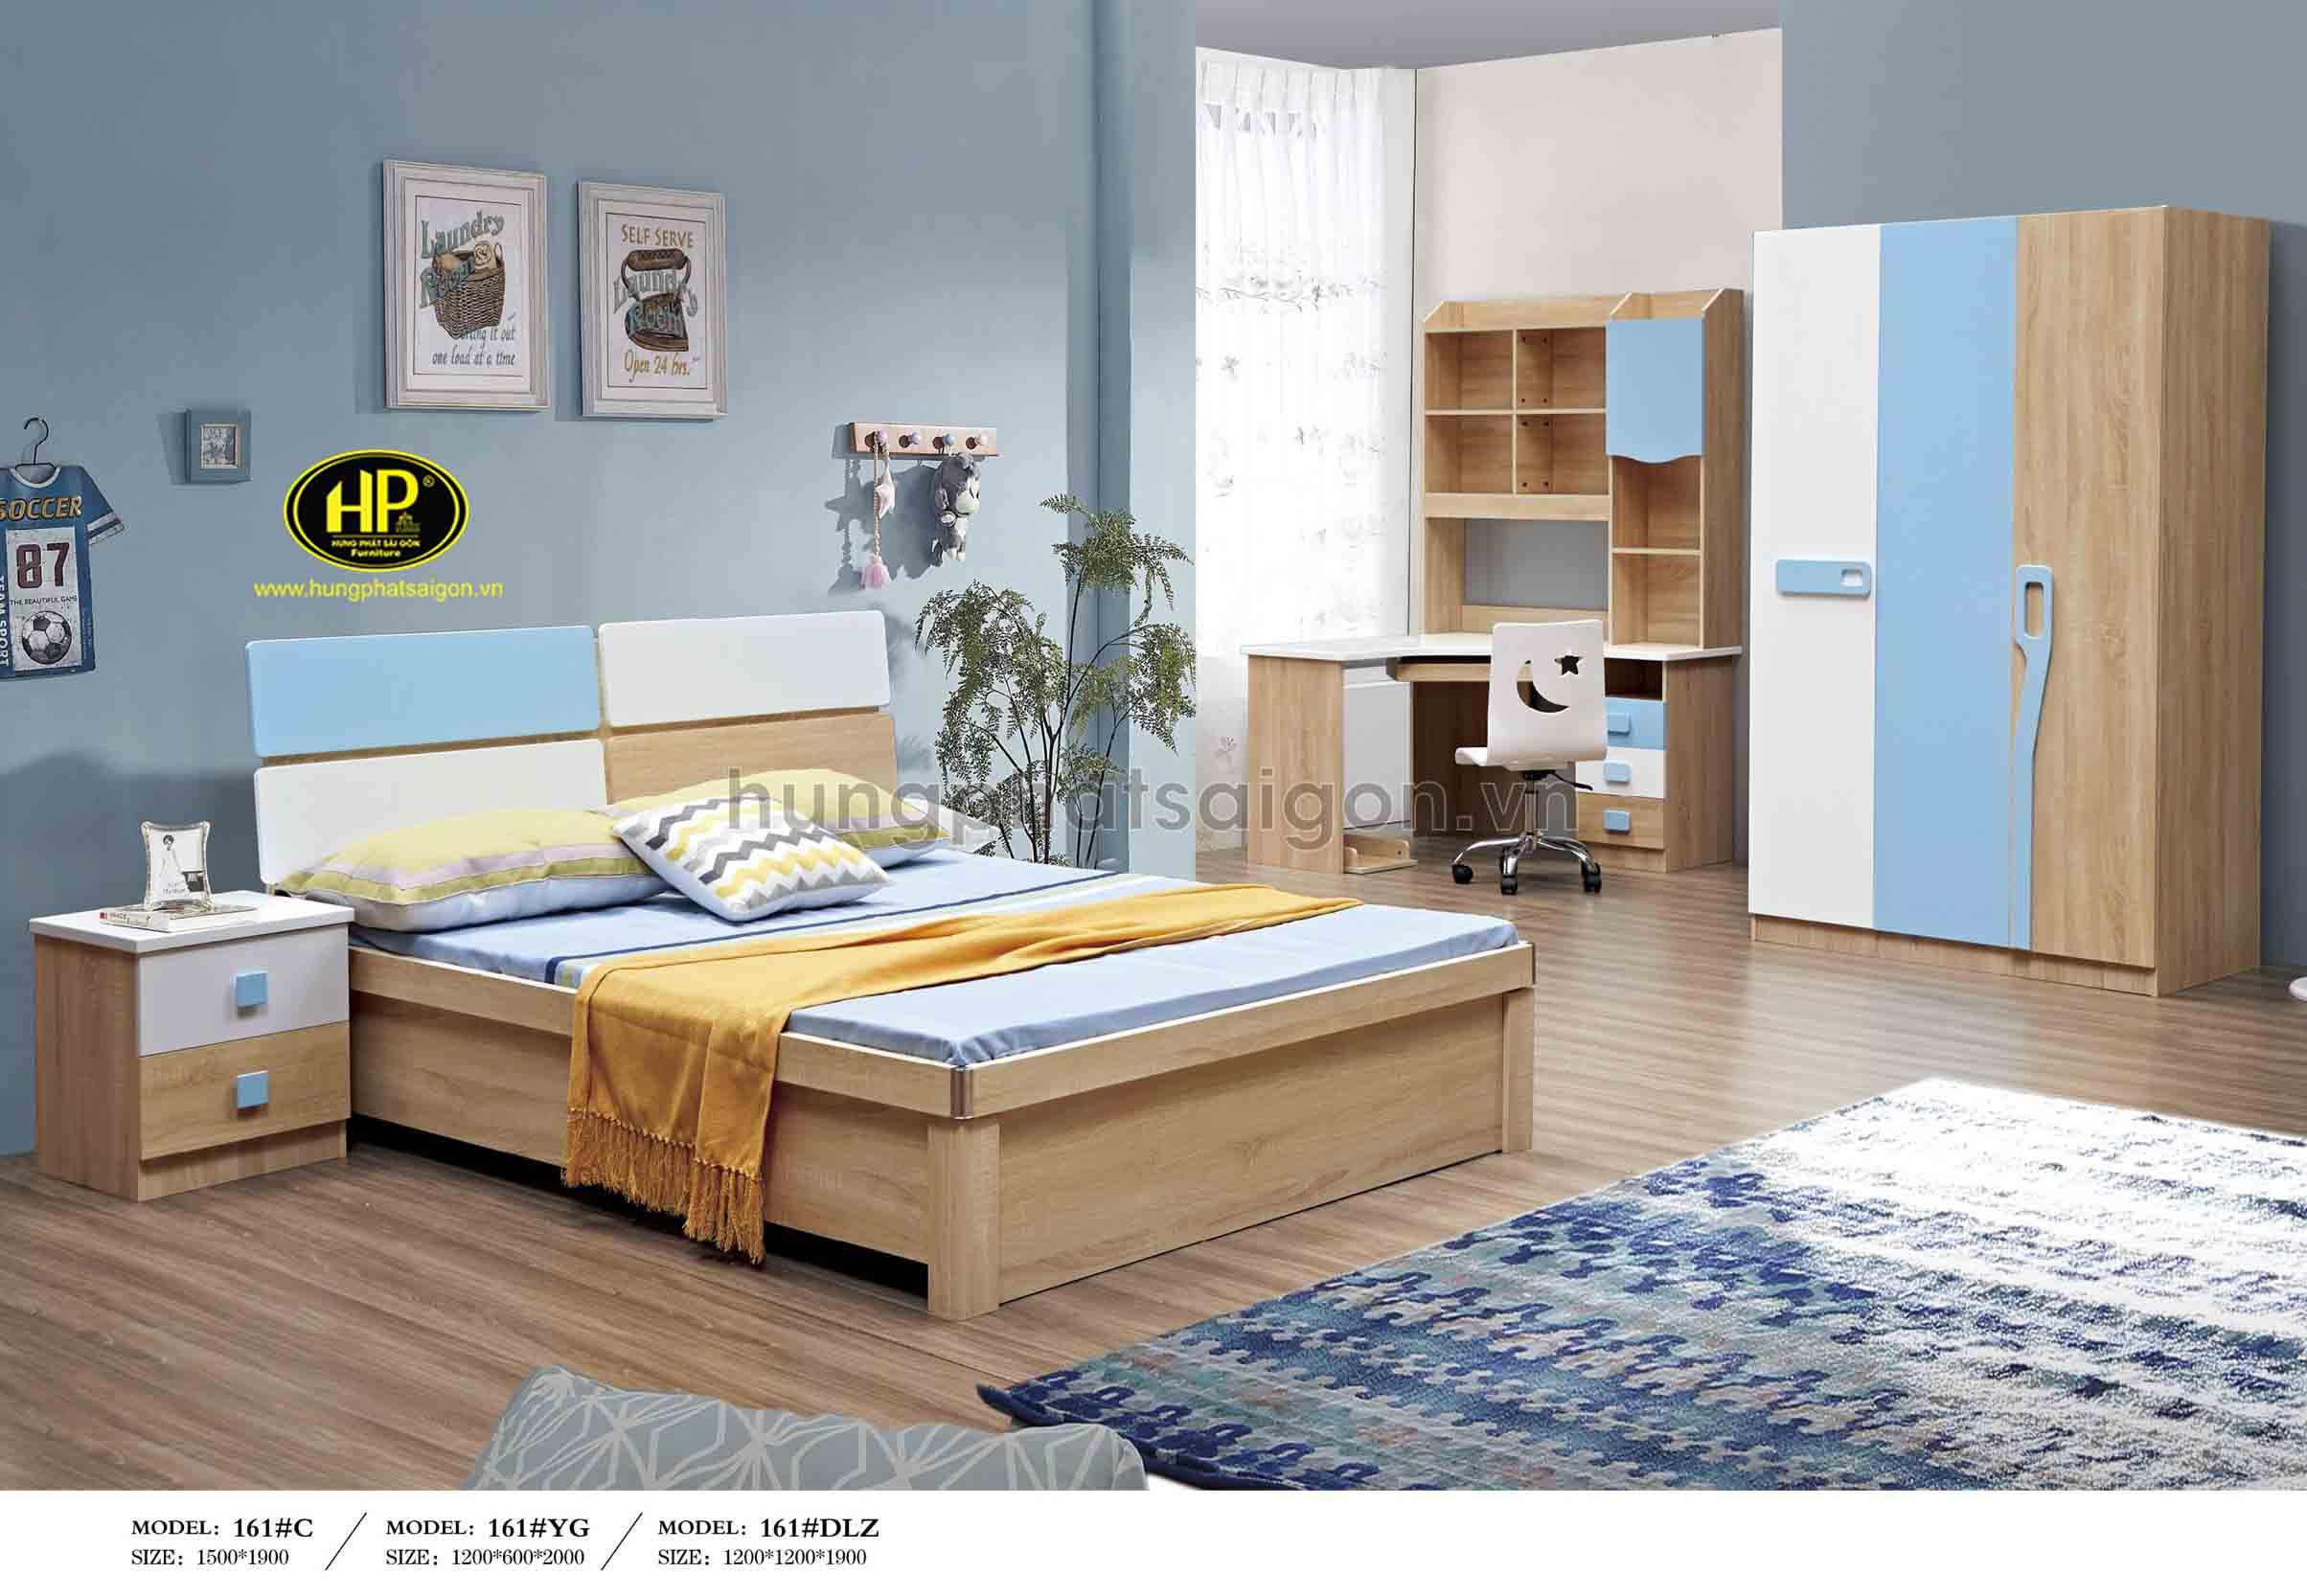 Bộ giường tủ bàn phấn cao cấp TP-161